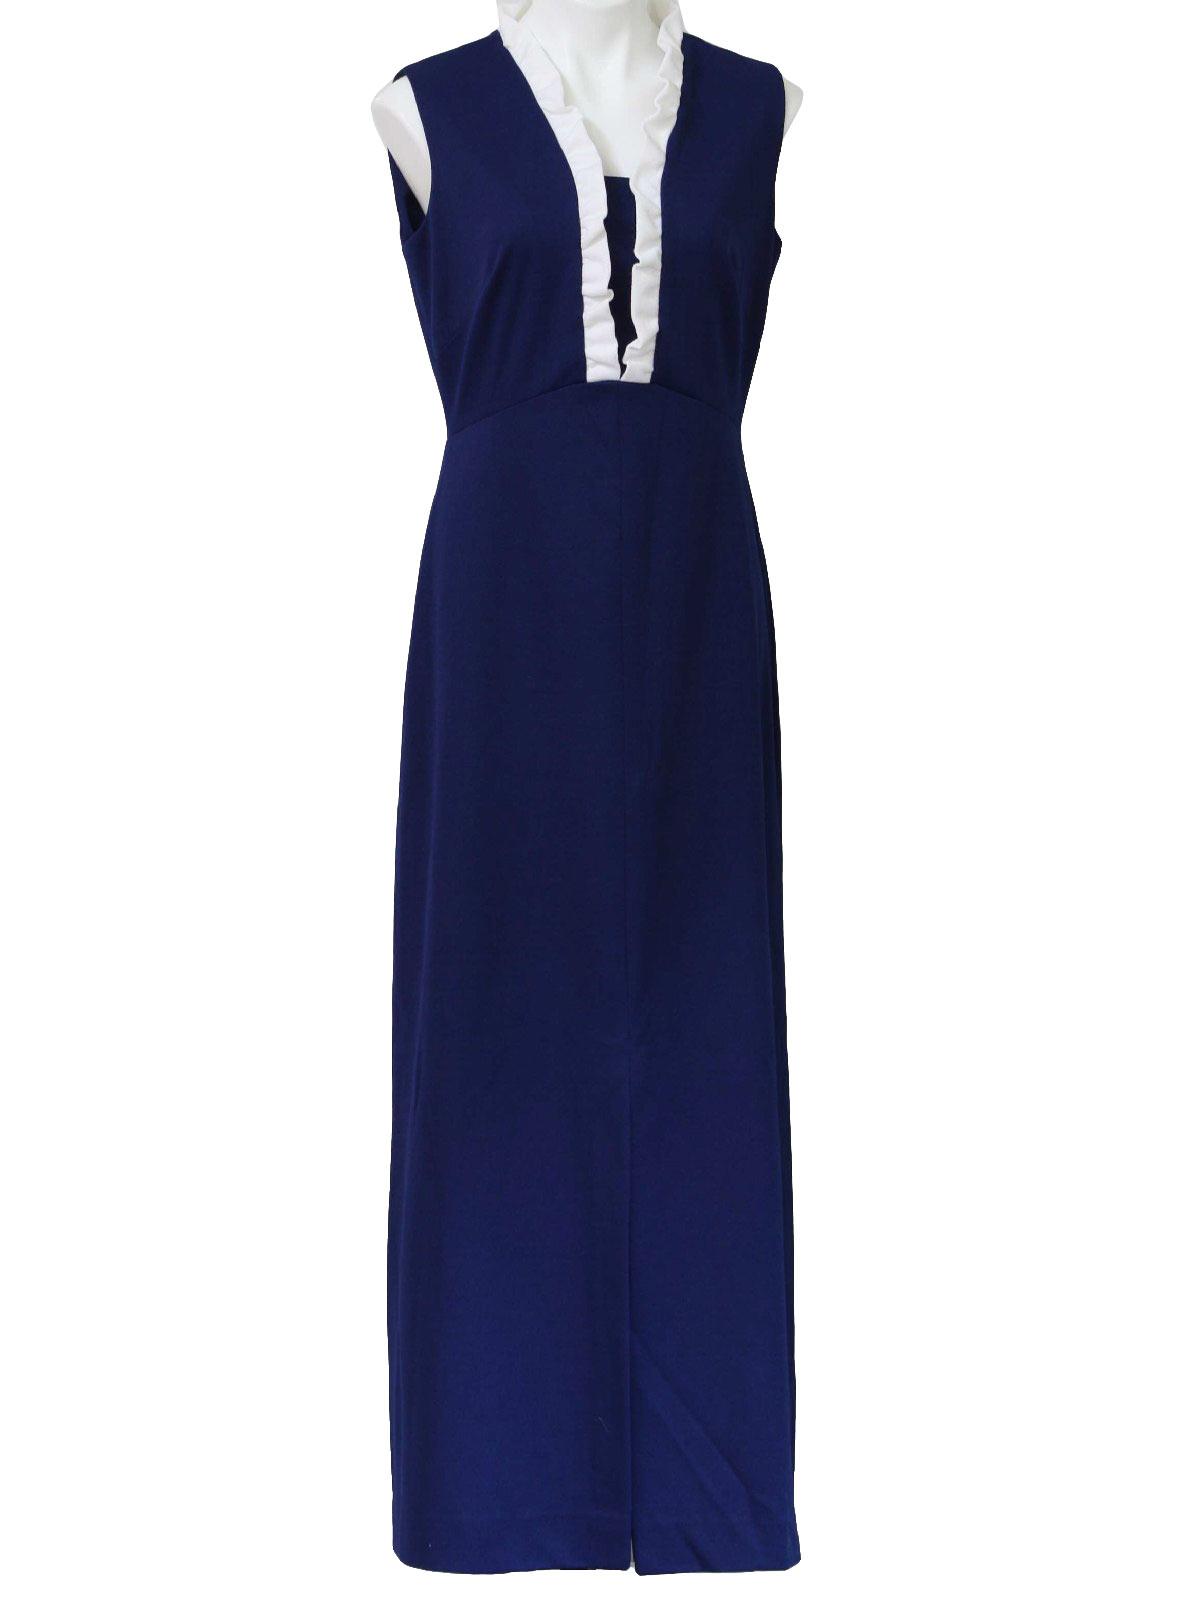 c a long dresses sears